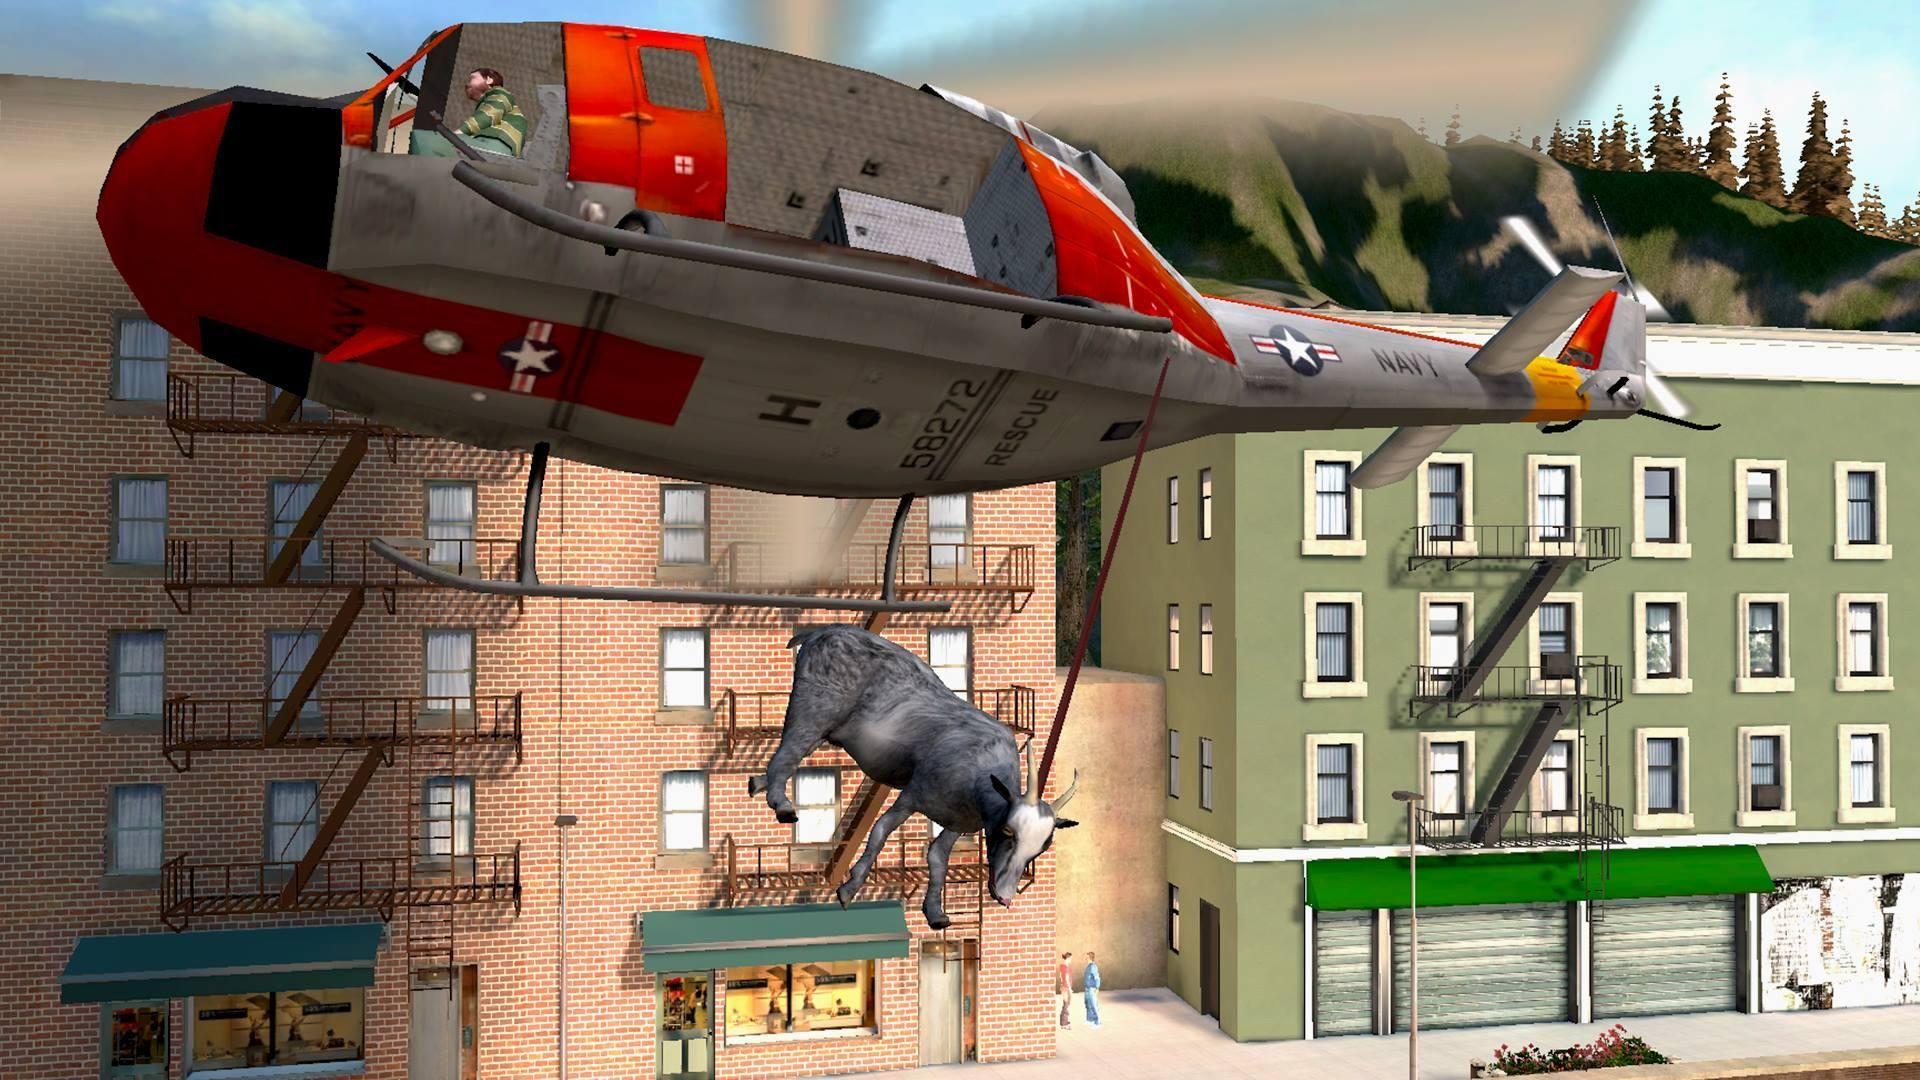 模拟山羊 免费版 游戏截图5